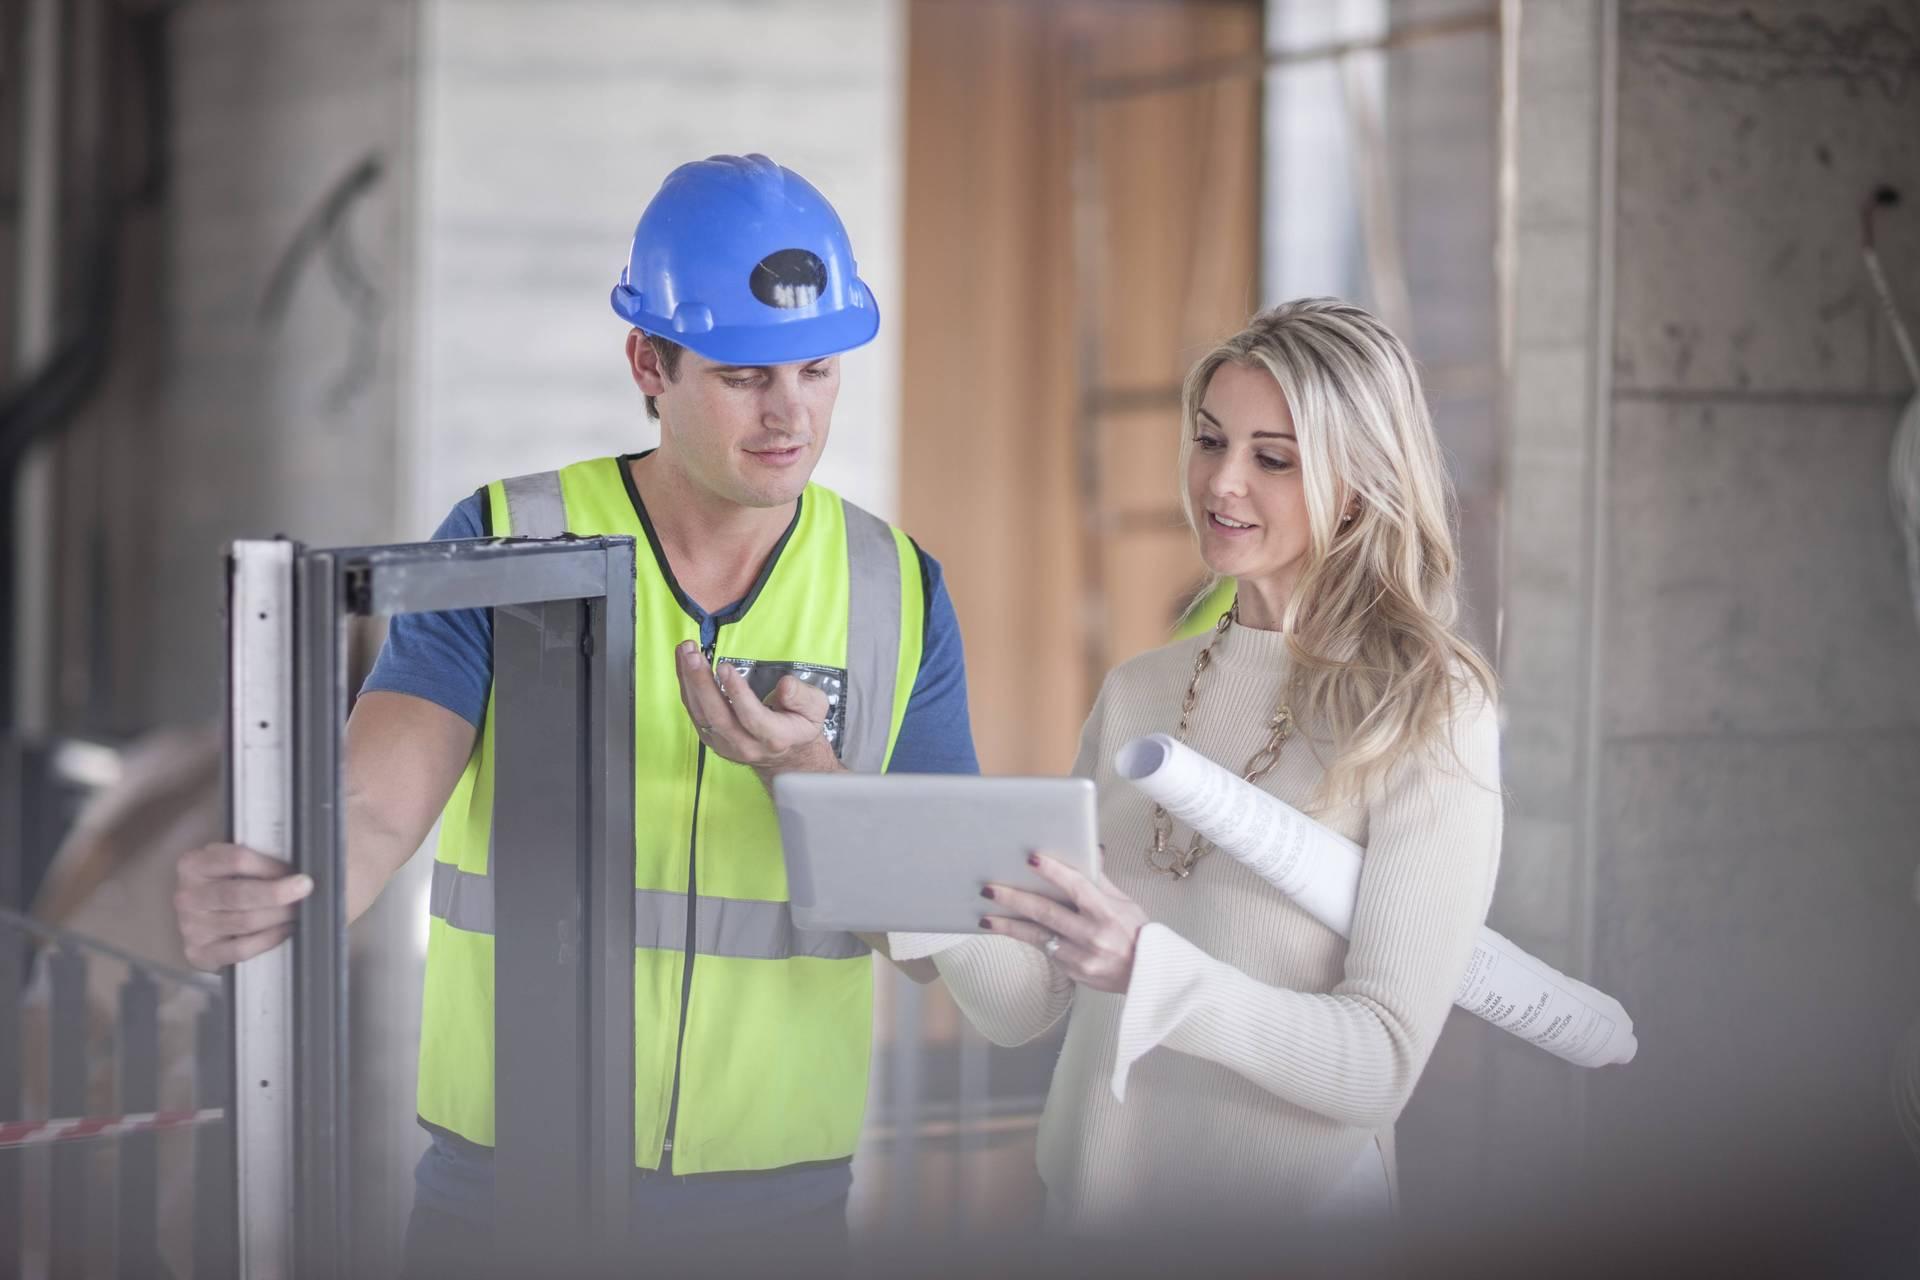 Um einen Eindruck der Arbeit zu bekommen, kann man sich die Firma vor Ort anschauen oder nach einem Beispielprojekt fragen.